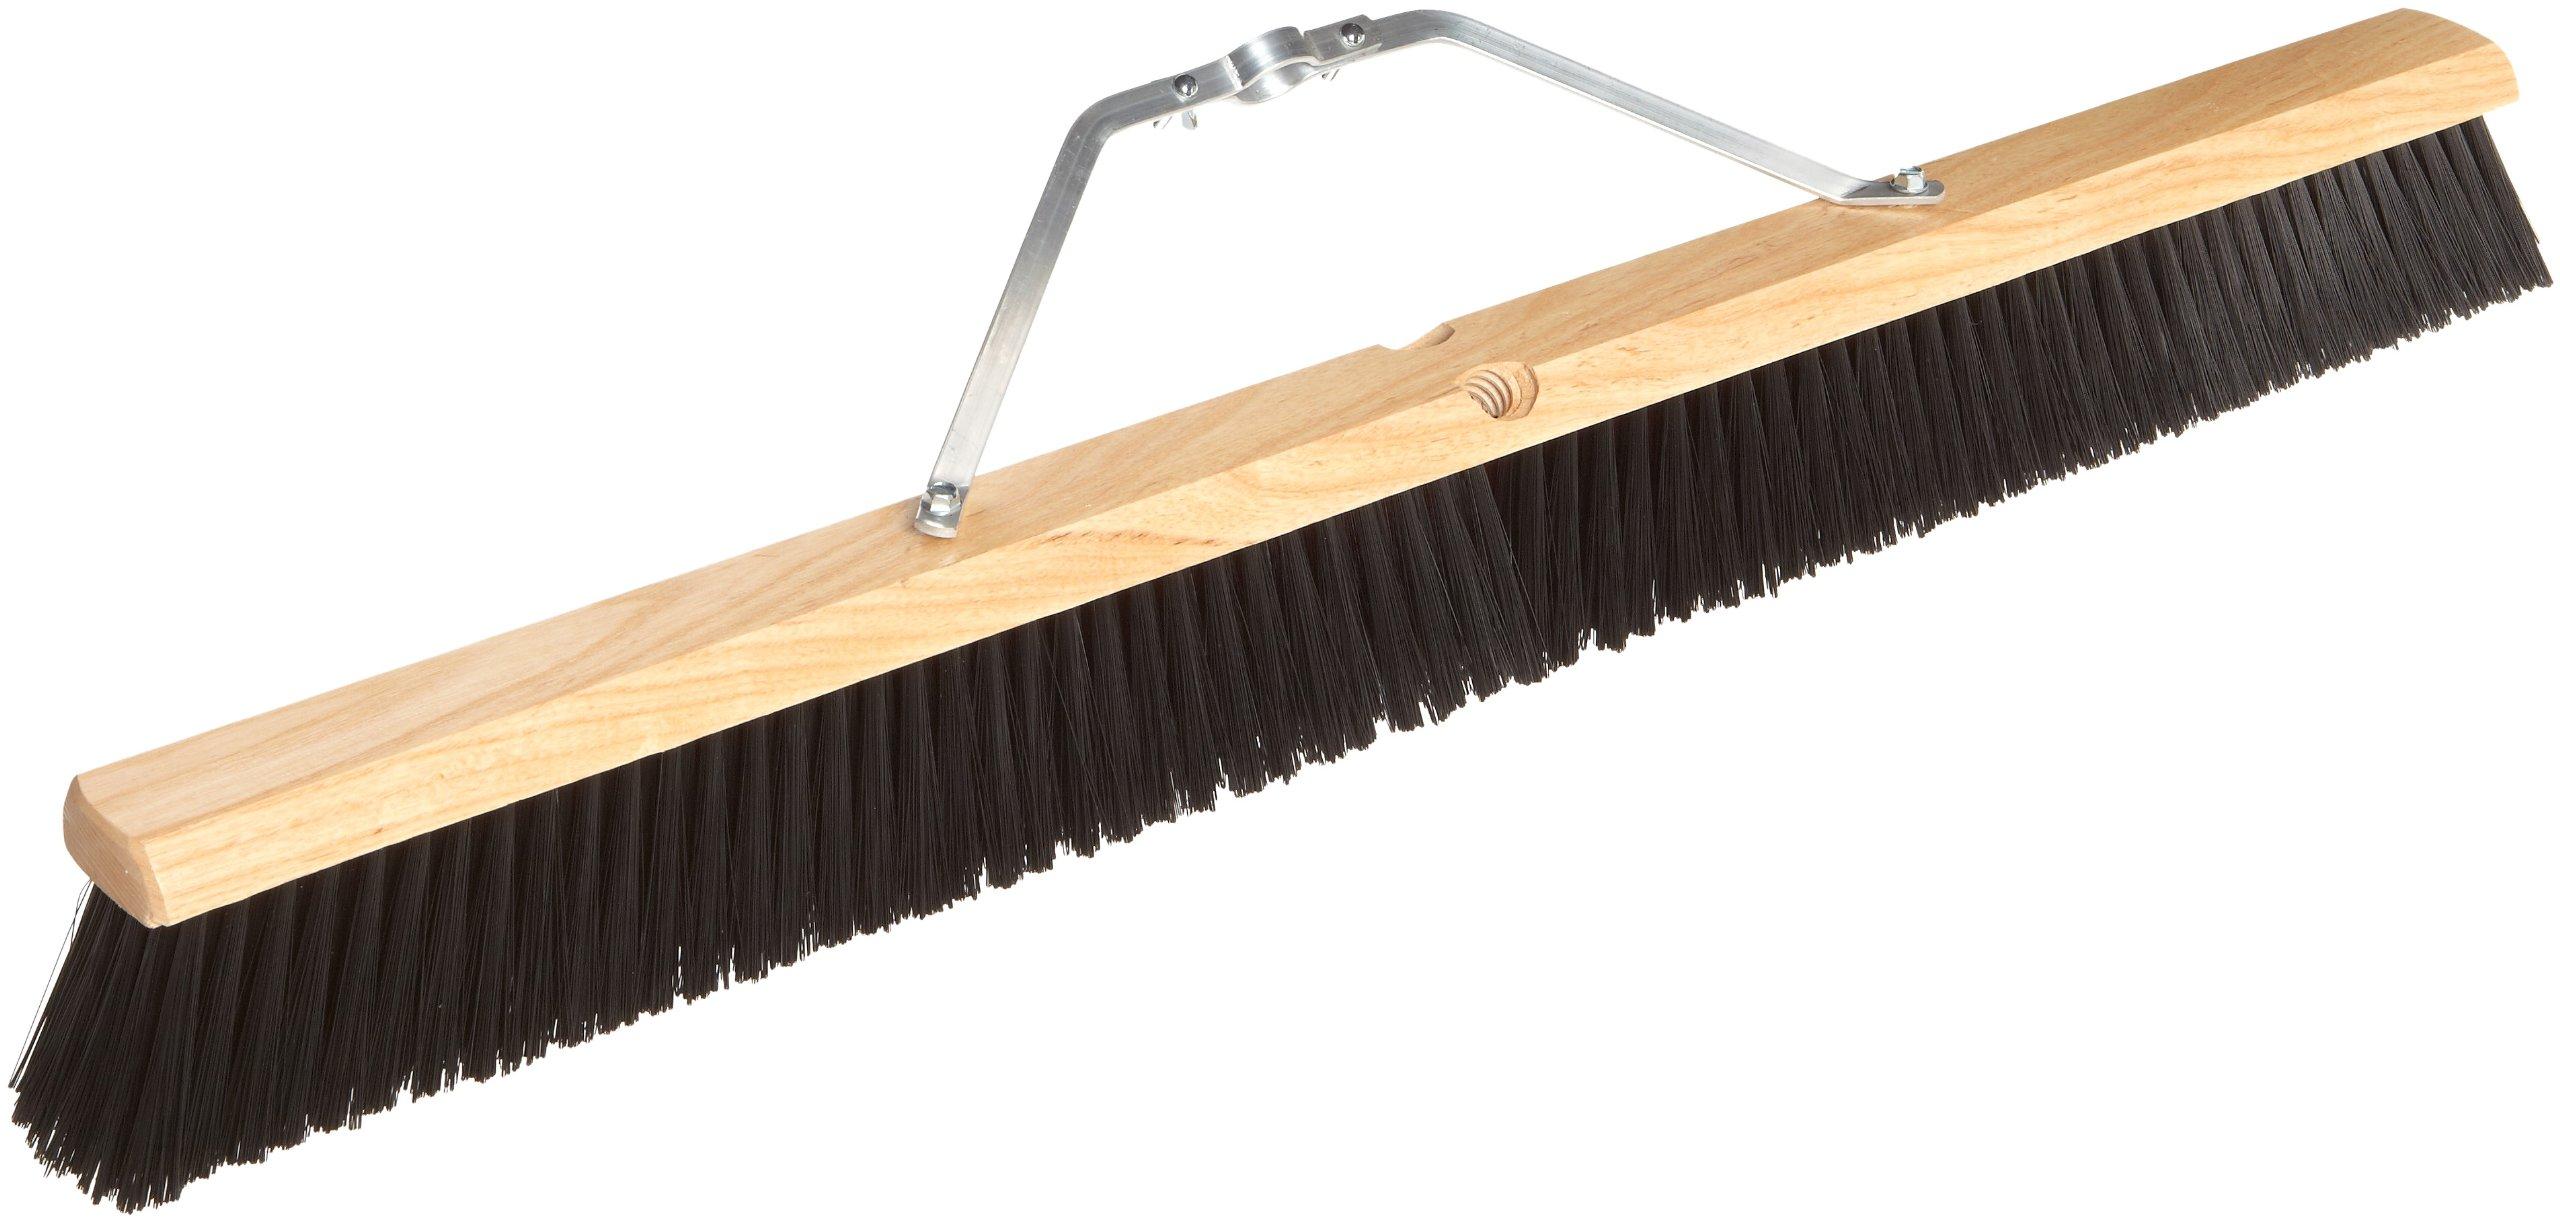 Magnolia Brush 1136 LH Line Floor Brush, Plastic Bristles, 3'' Trim, 36'' Length, Dark Red/Black (Case of 6)